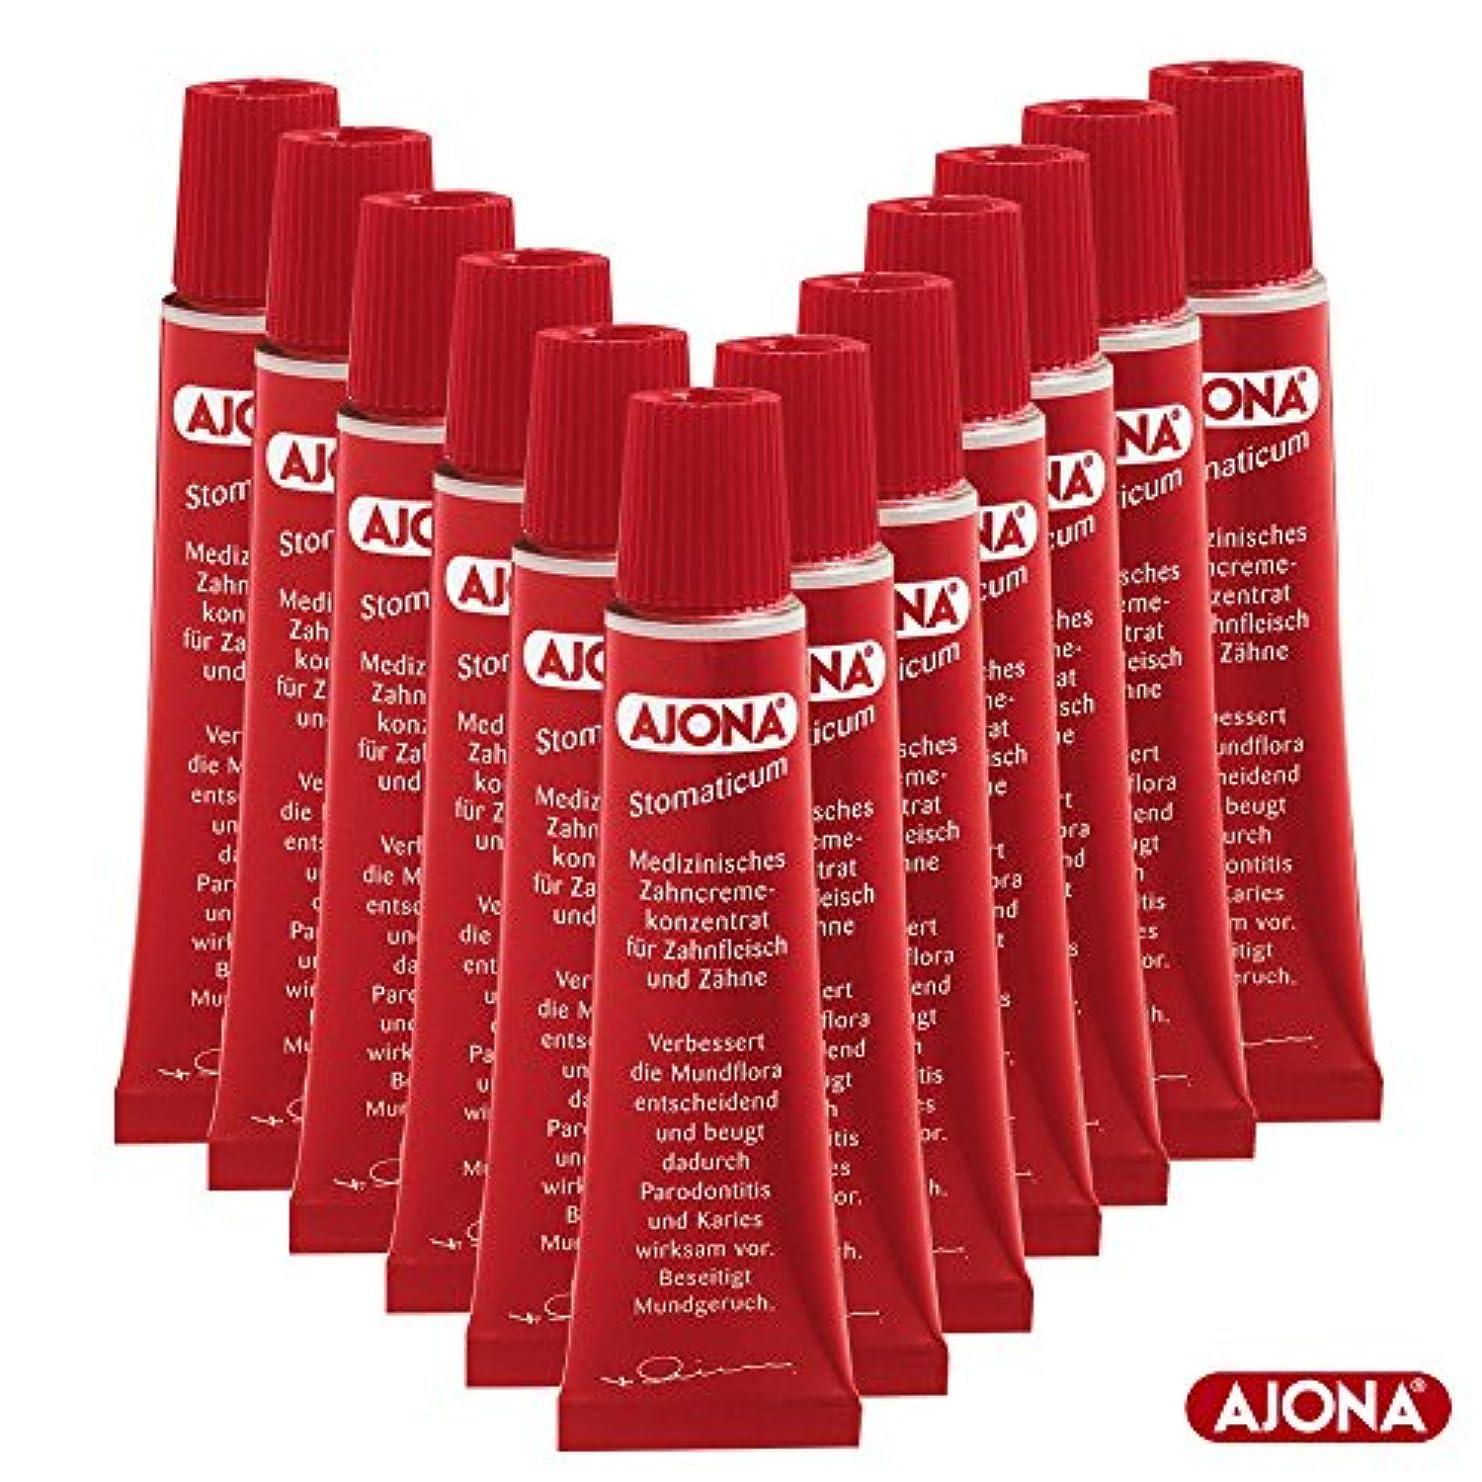 分解する情緒的電子Ajona 濃縮歯磨き粉 Stomaticum Toothpaste 25ml(12x 25ml)-12Pack [並行輸入品]